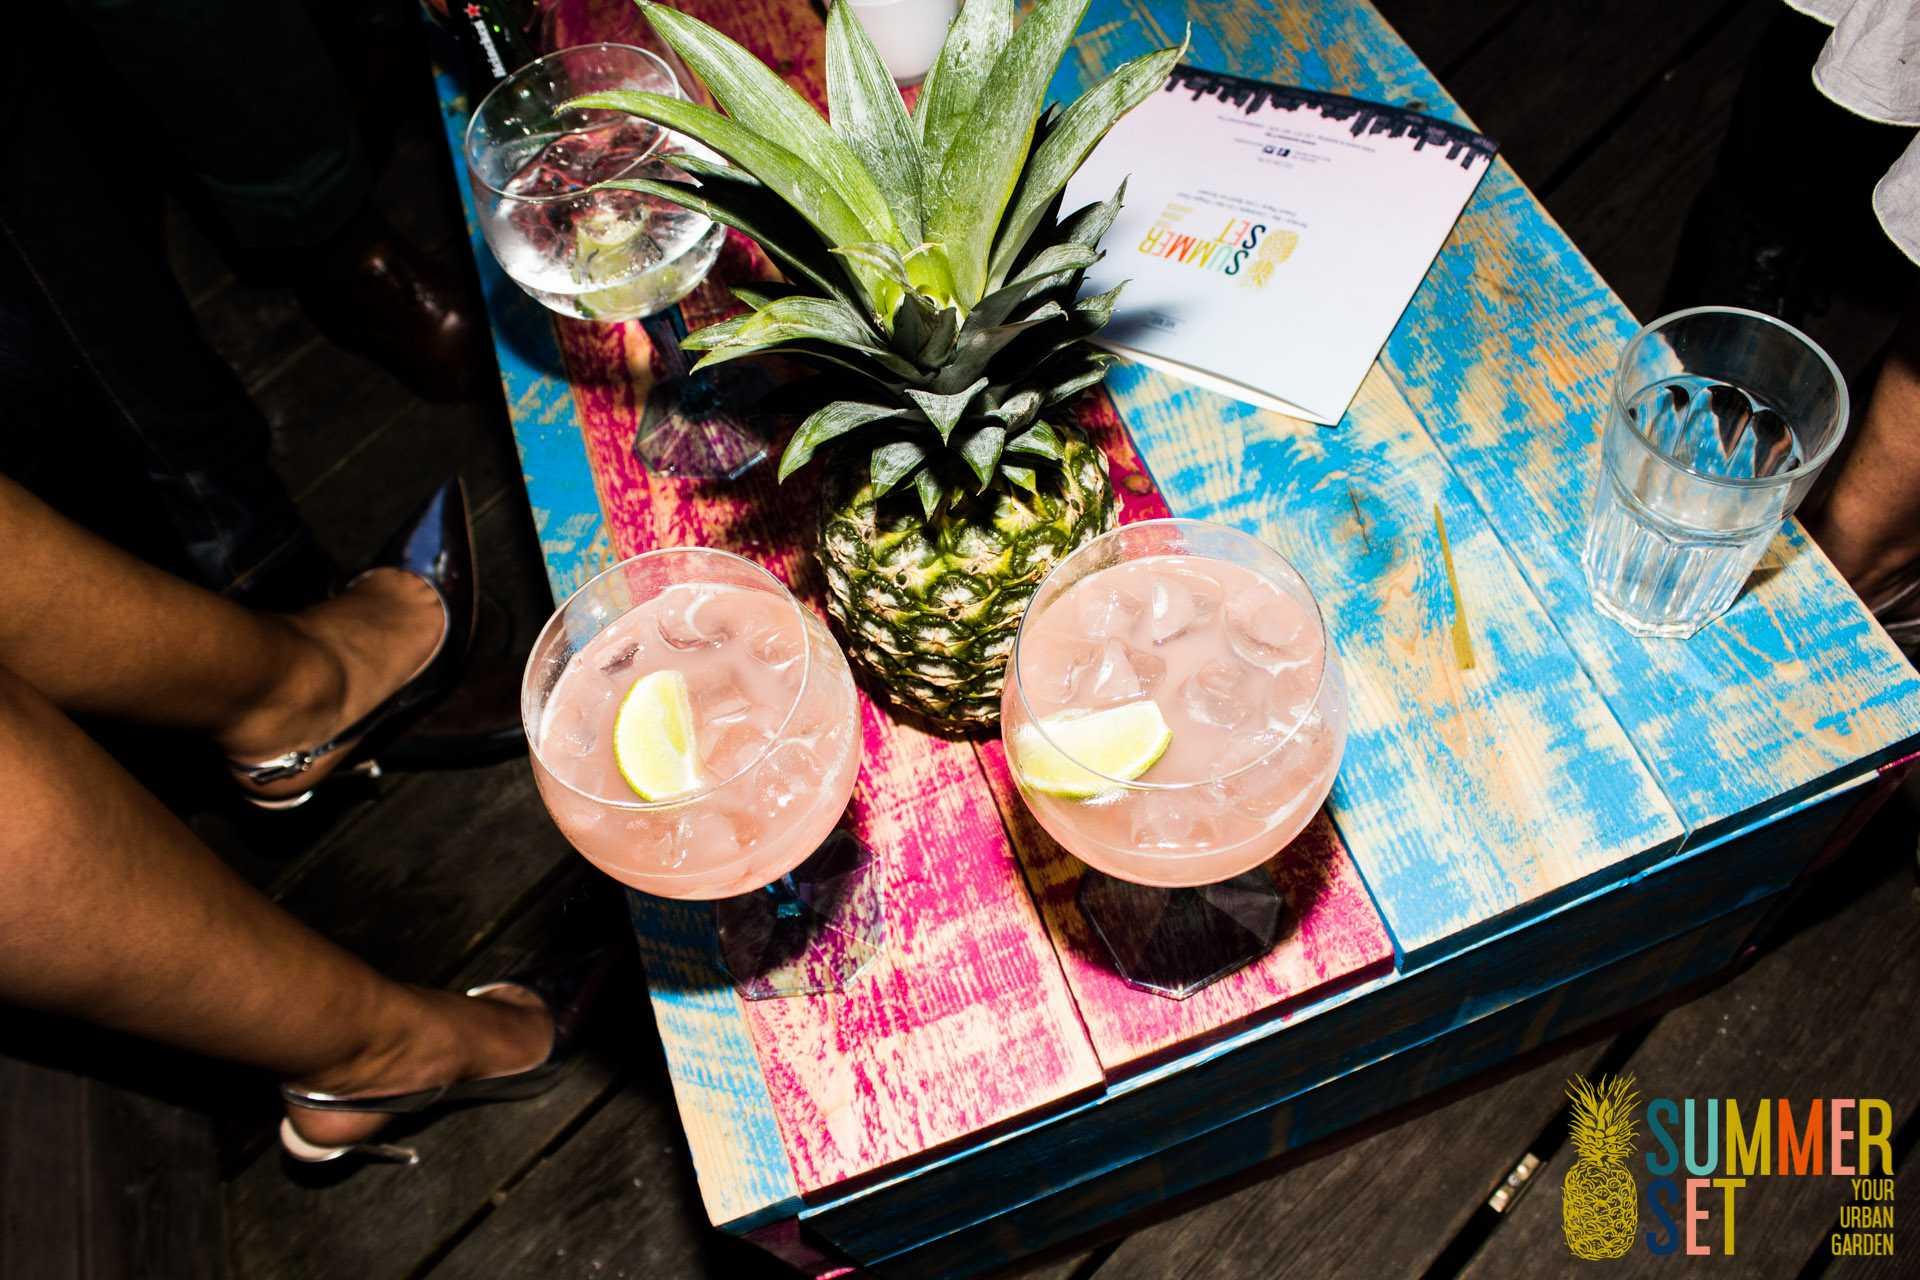 summer set cocktail